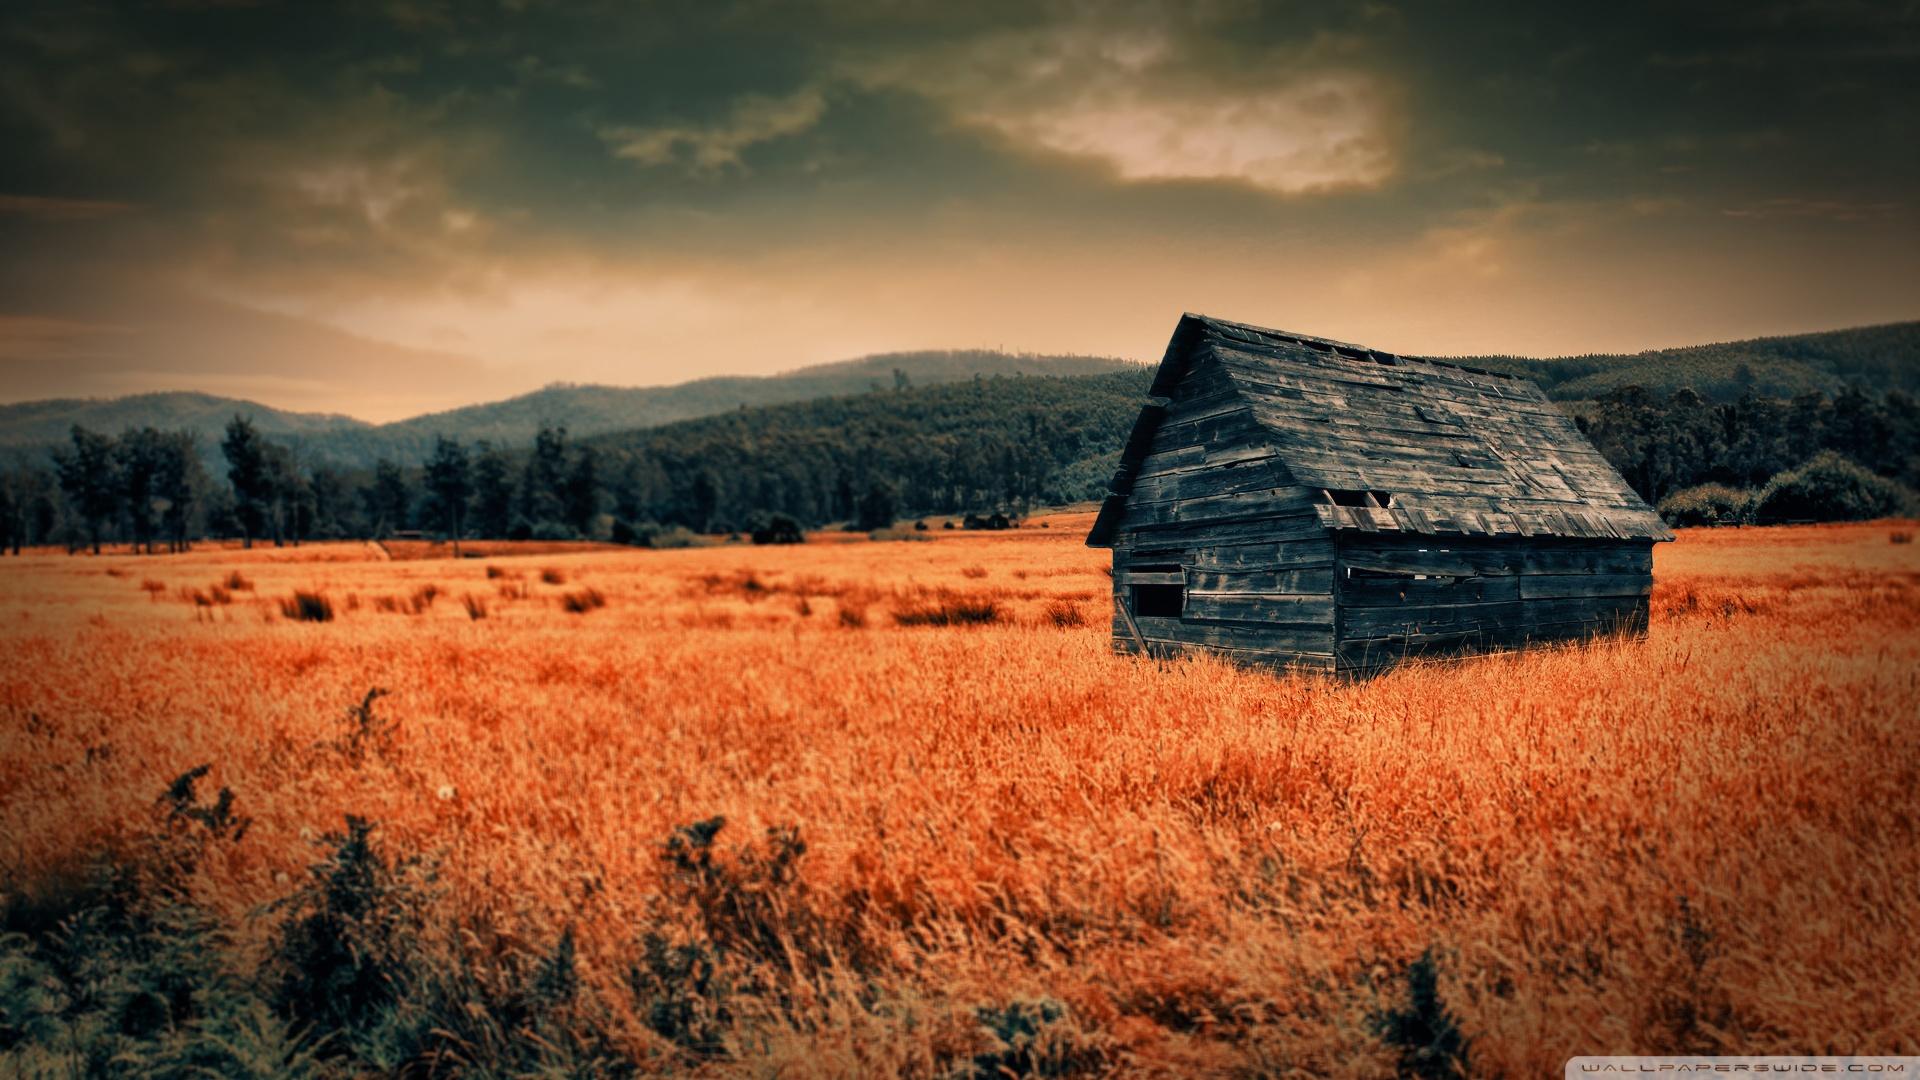 Fall Woods Wallpaper Lonely Countryside 4k Hd Desktop Wallpaper For 4k Ultra Hd